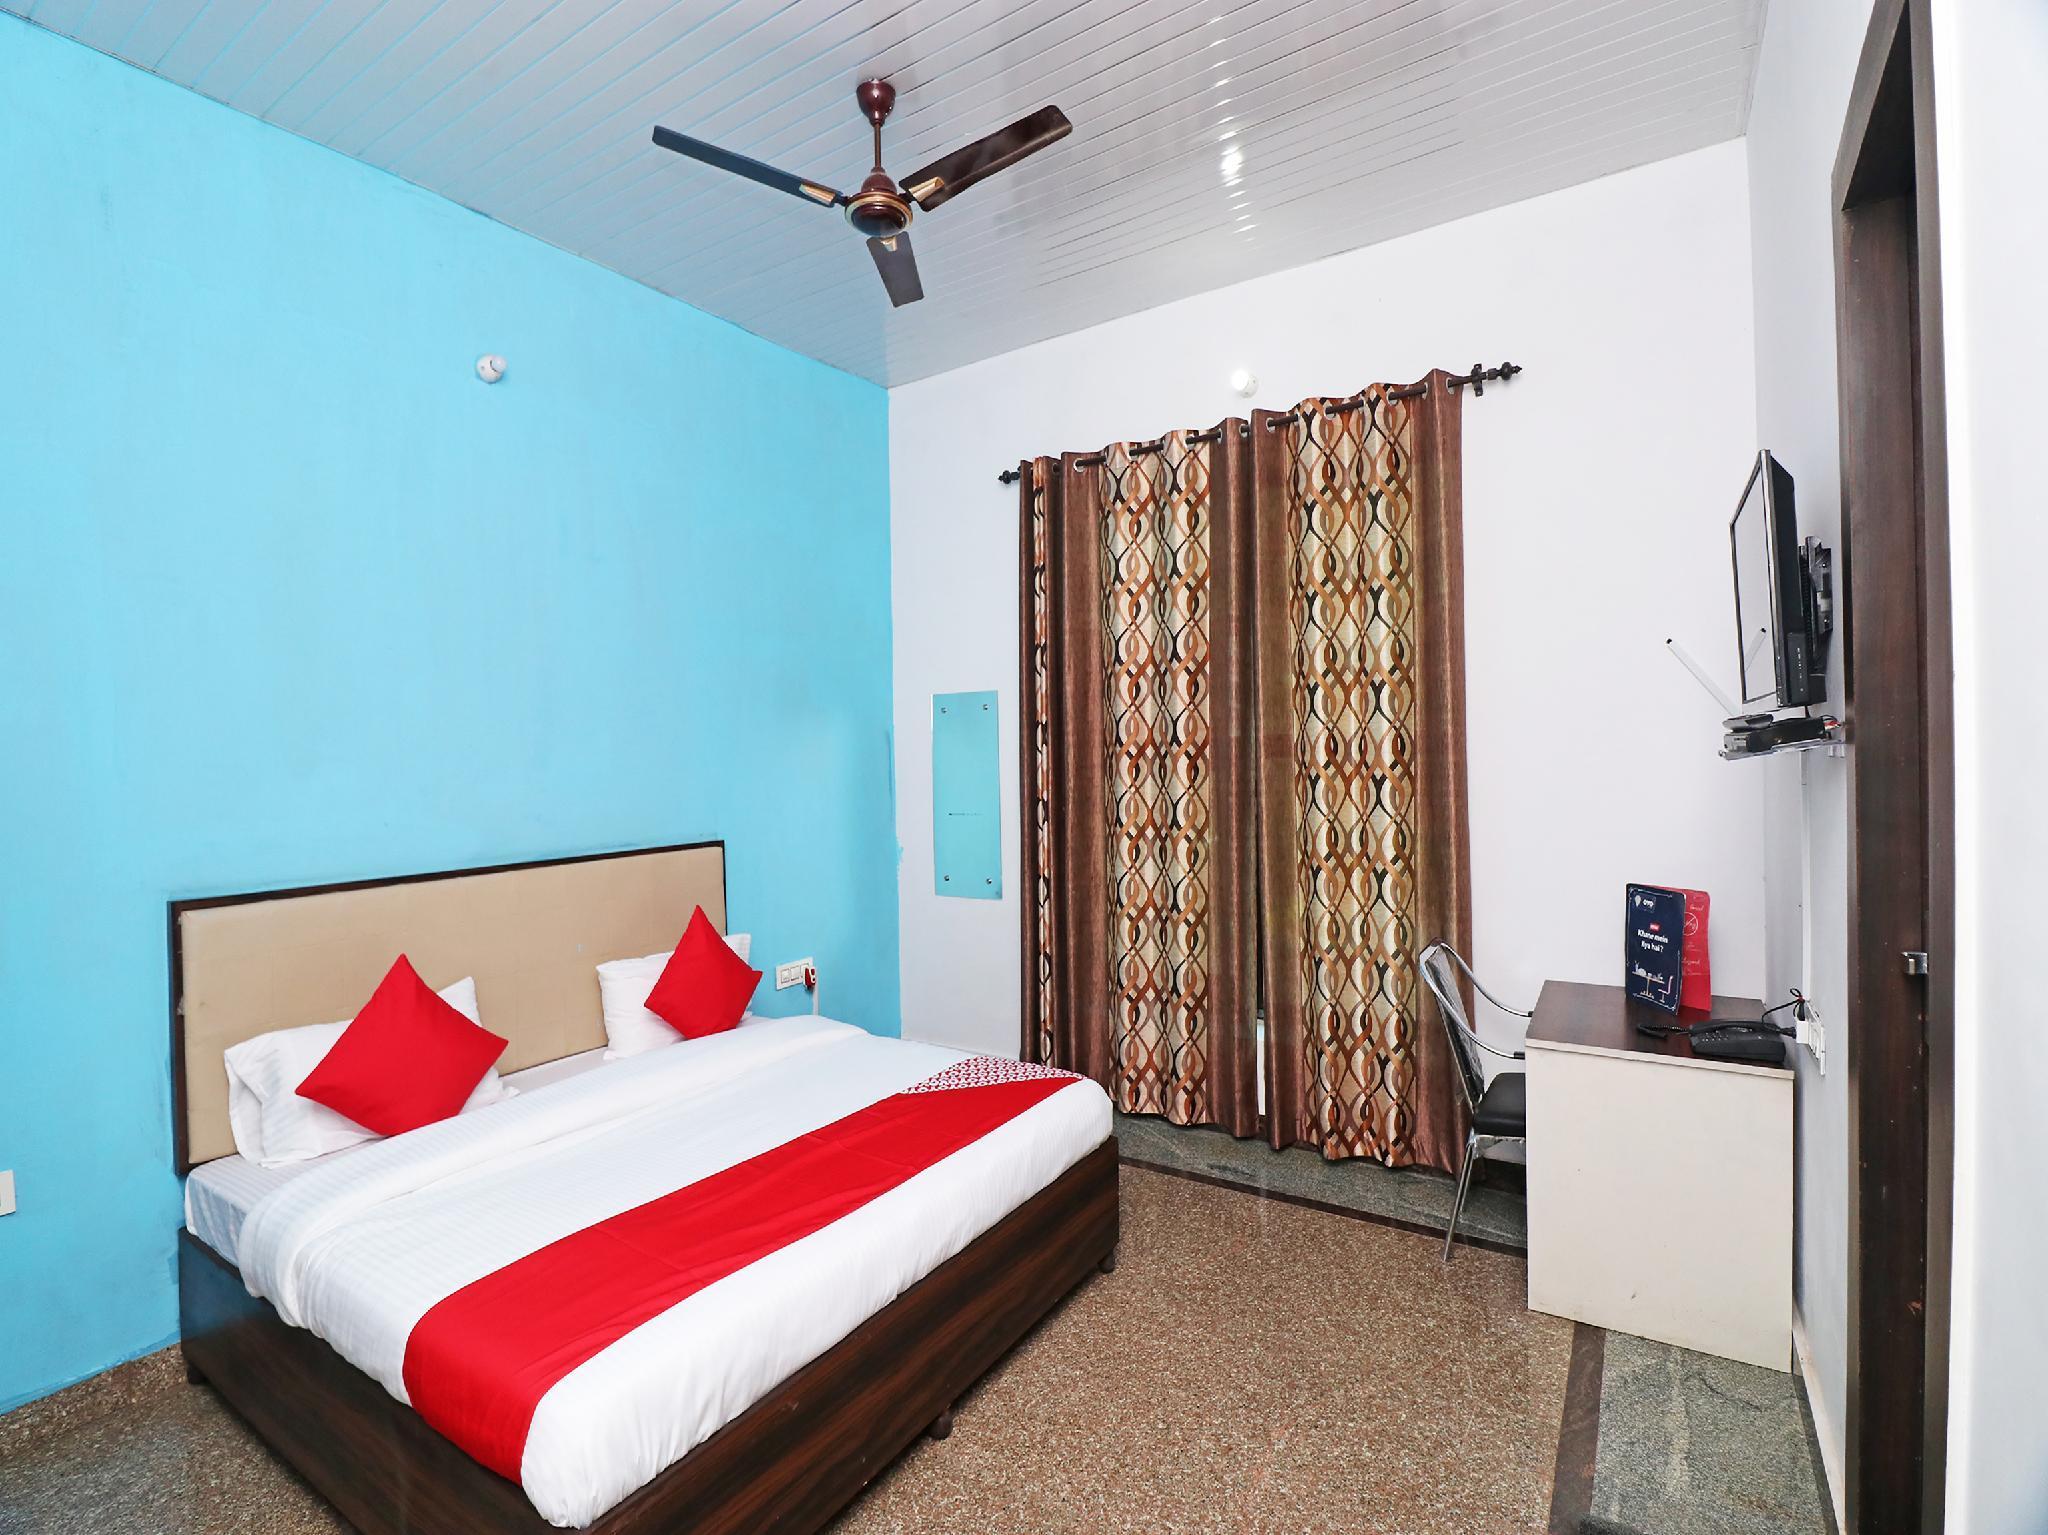 OYO 19640 Hotel Ks, Kurukshetra